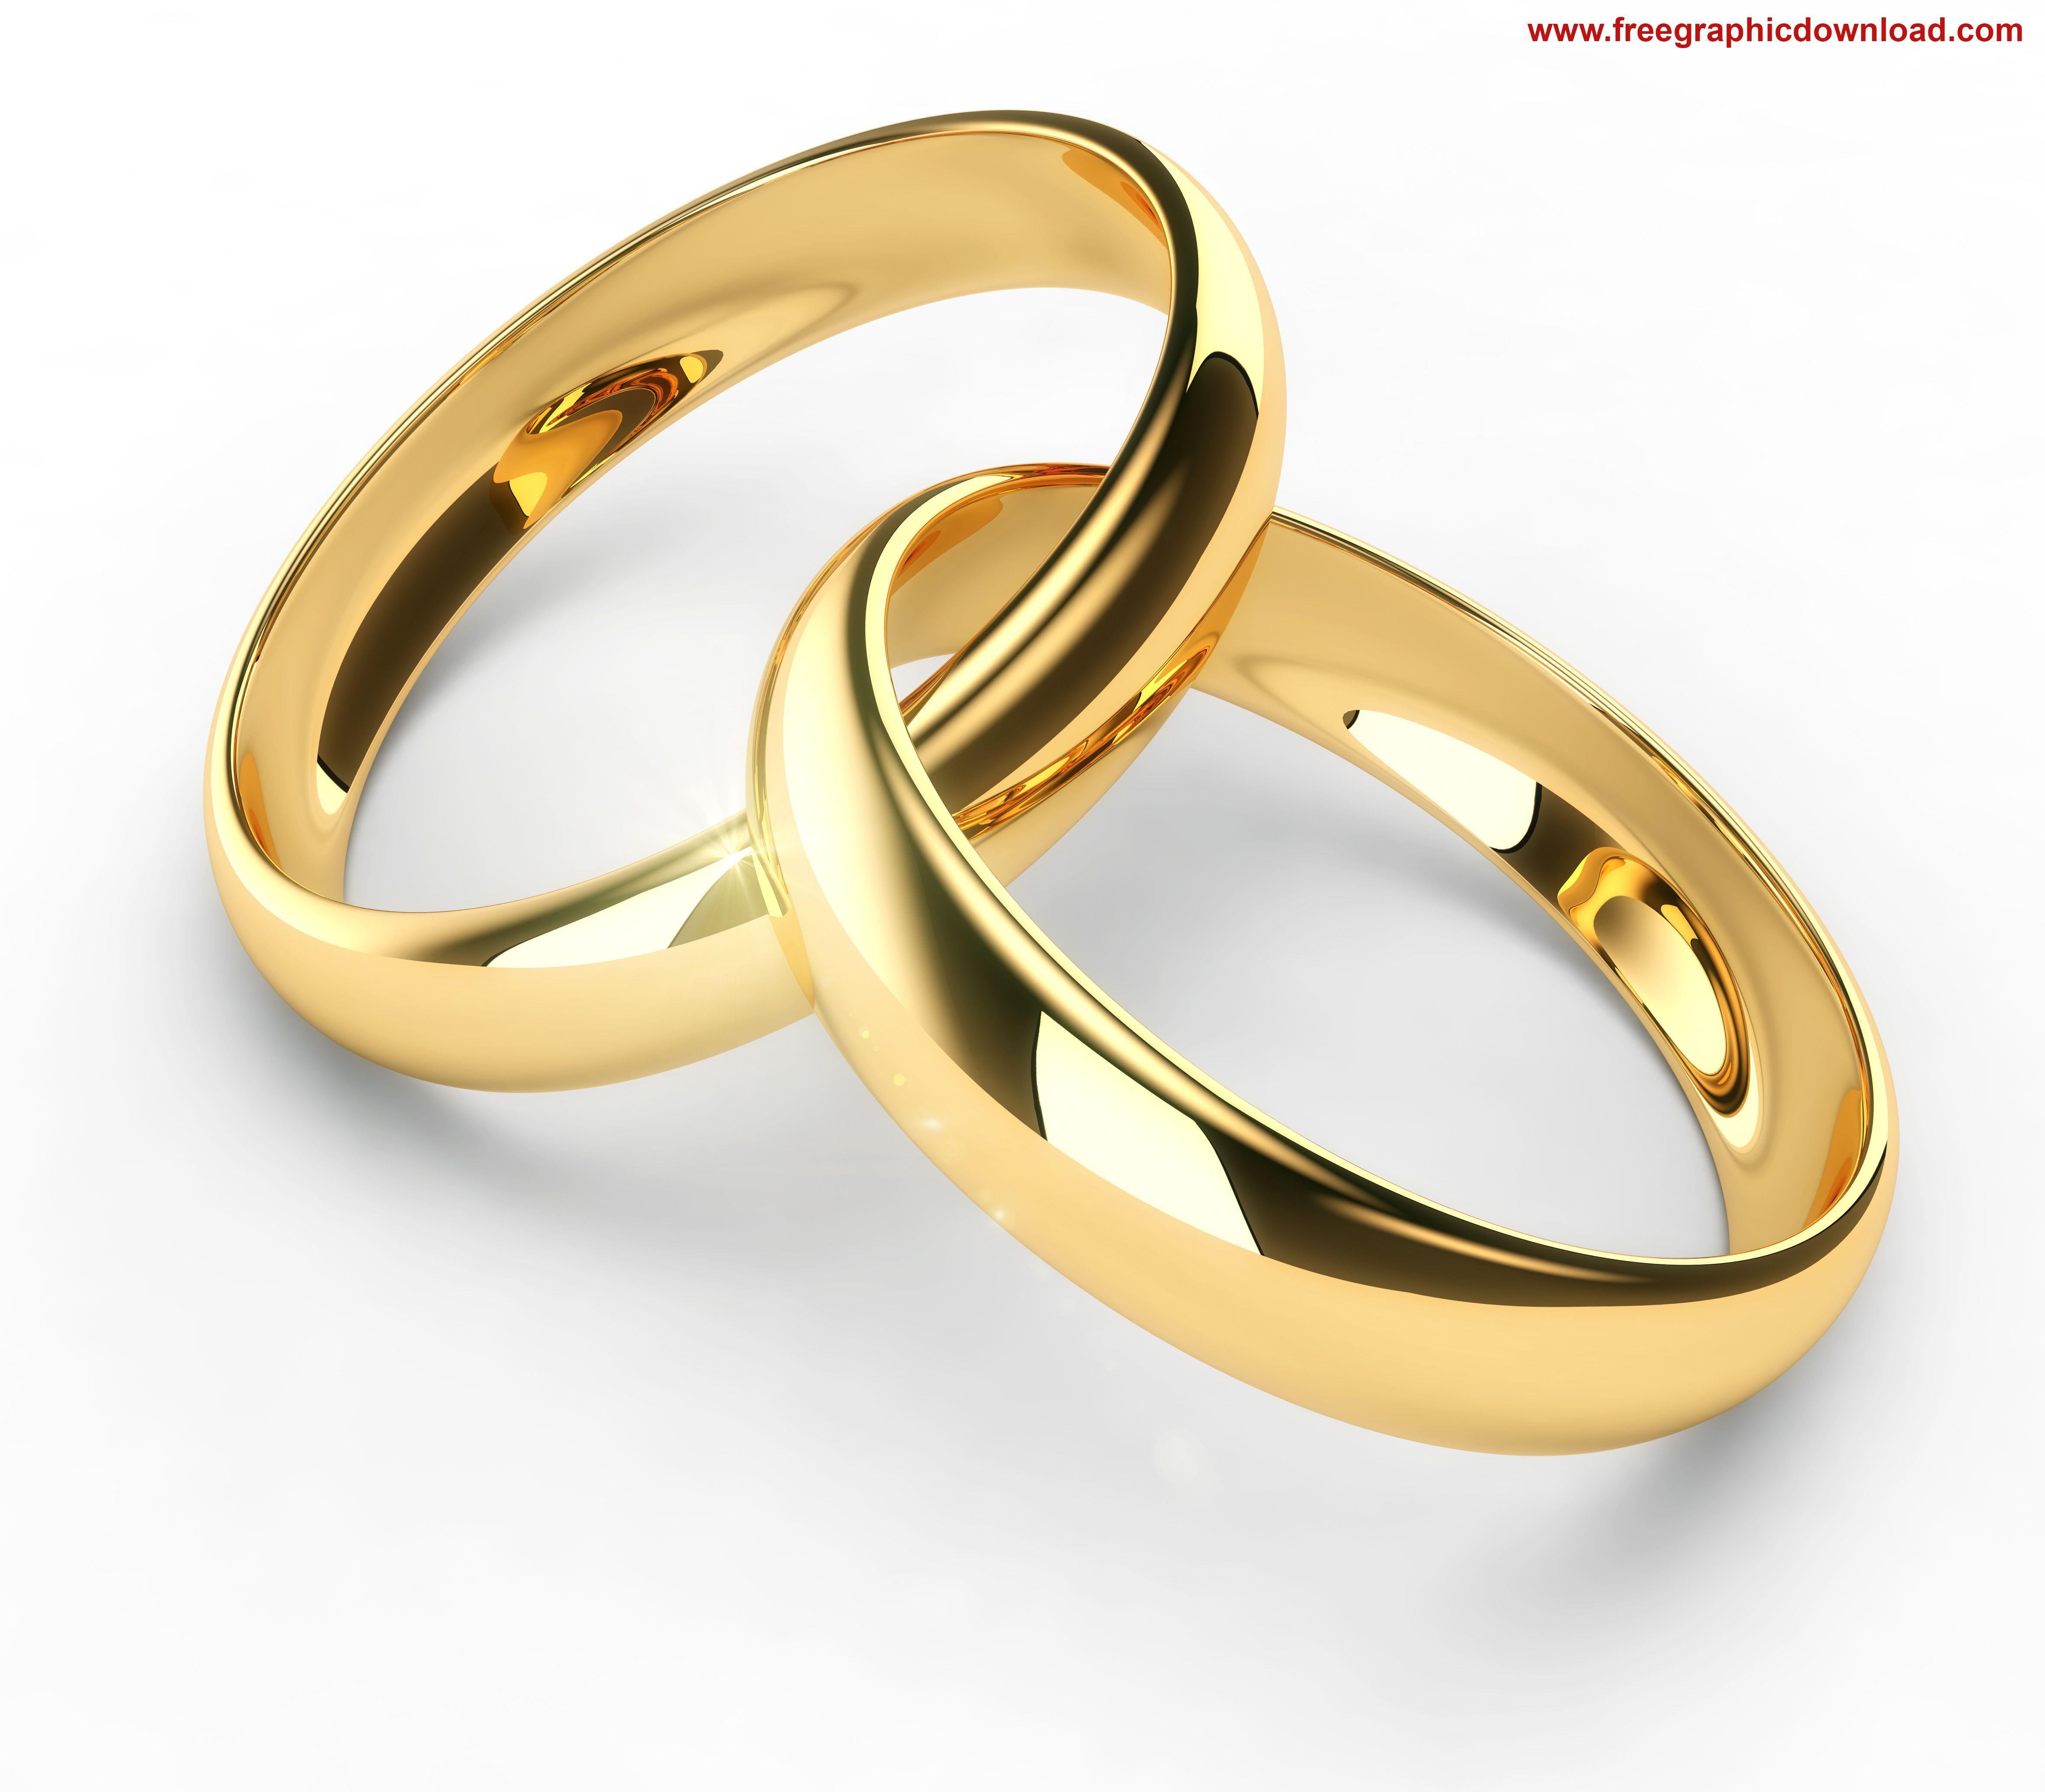 rings wedding Gold wedding rings